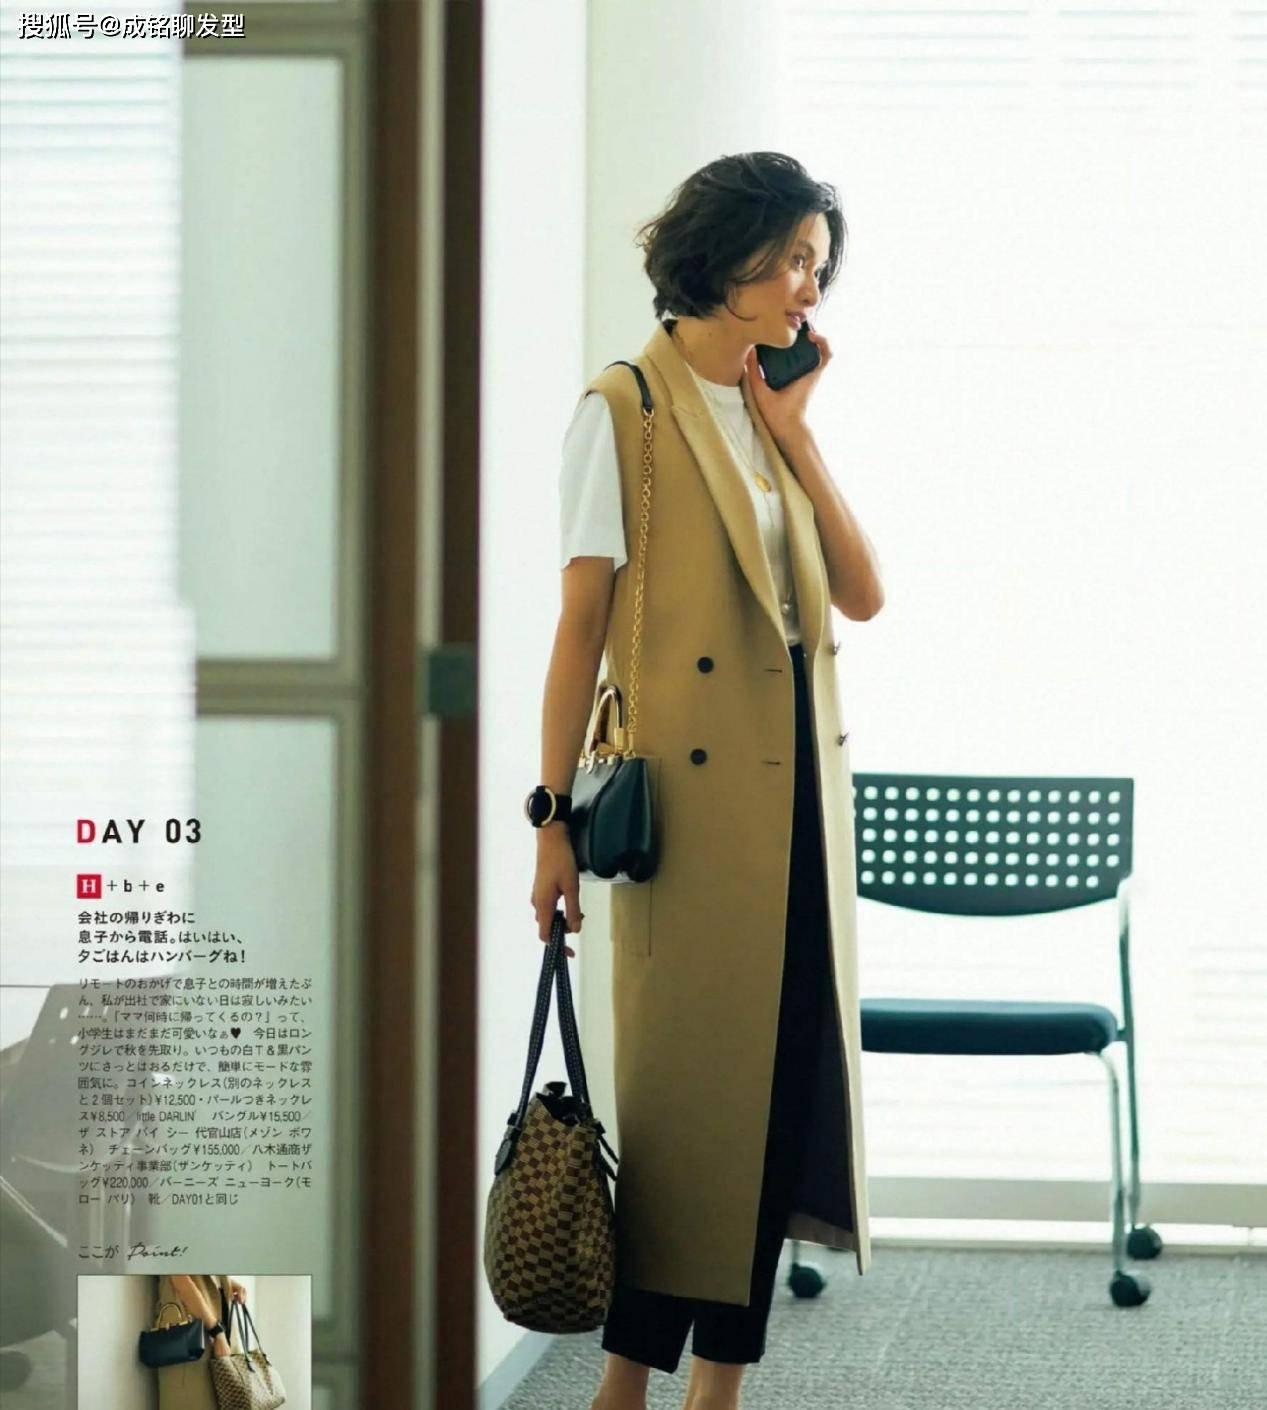 2021日本模特私藏穿搭大公开!10套夏日搭配给你打样照着穿美翻天